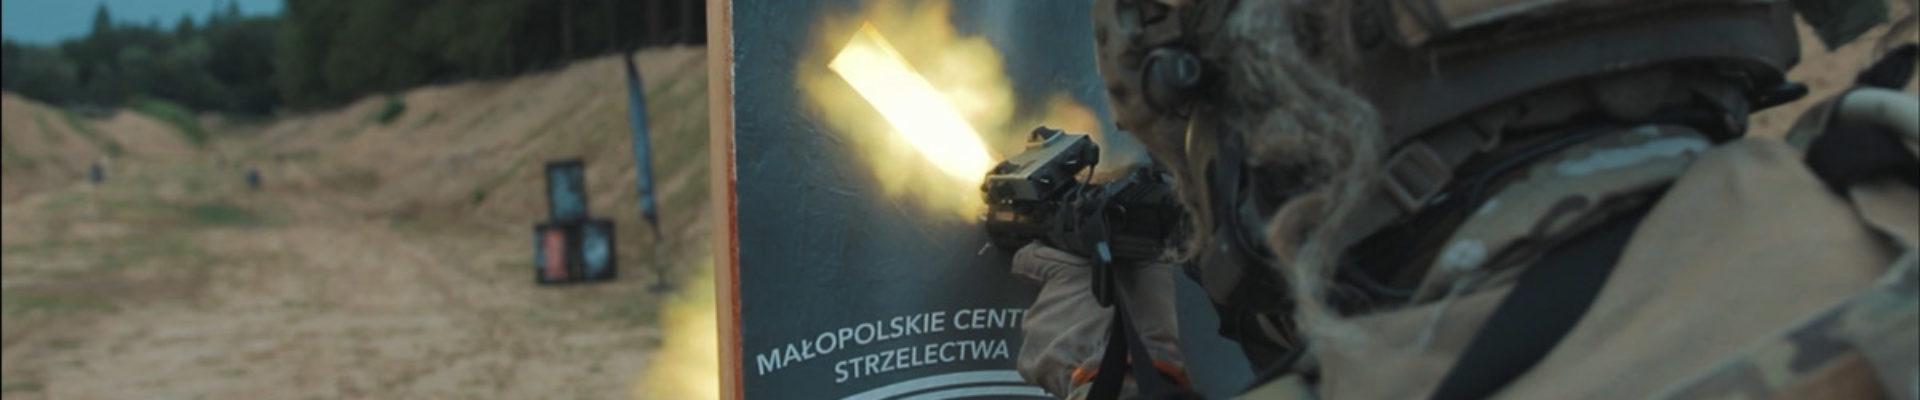 Małopolskie Centrum Strzelectwa